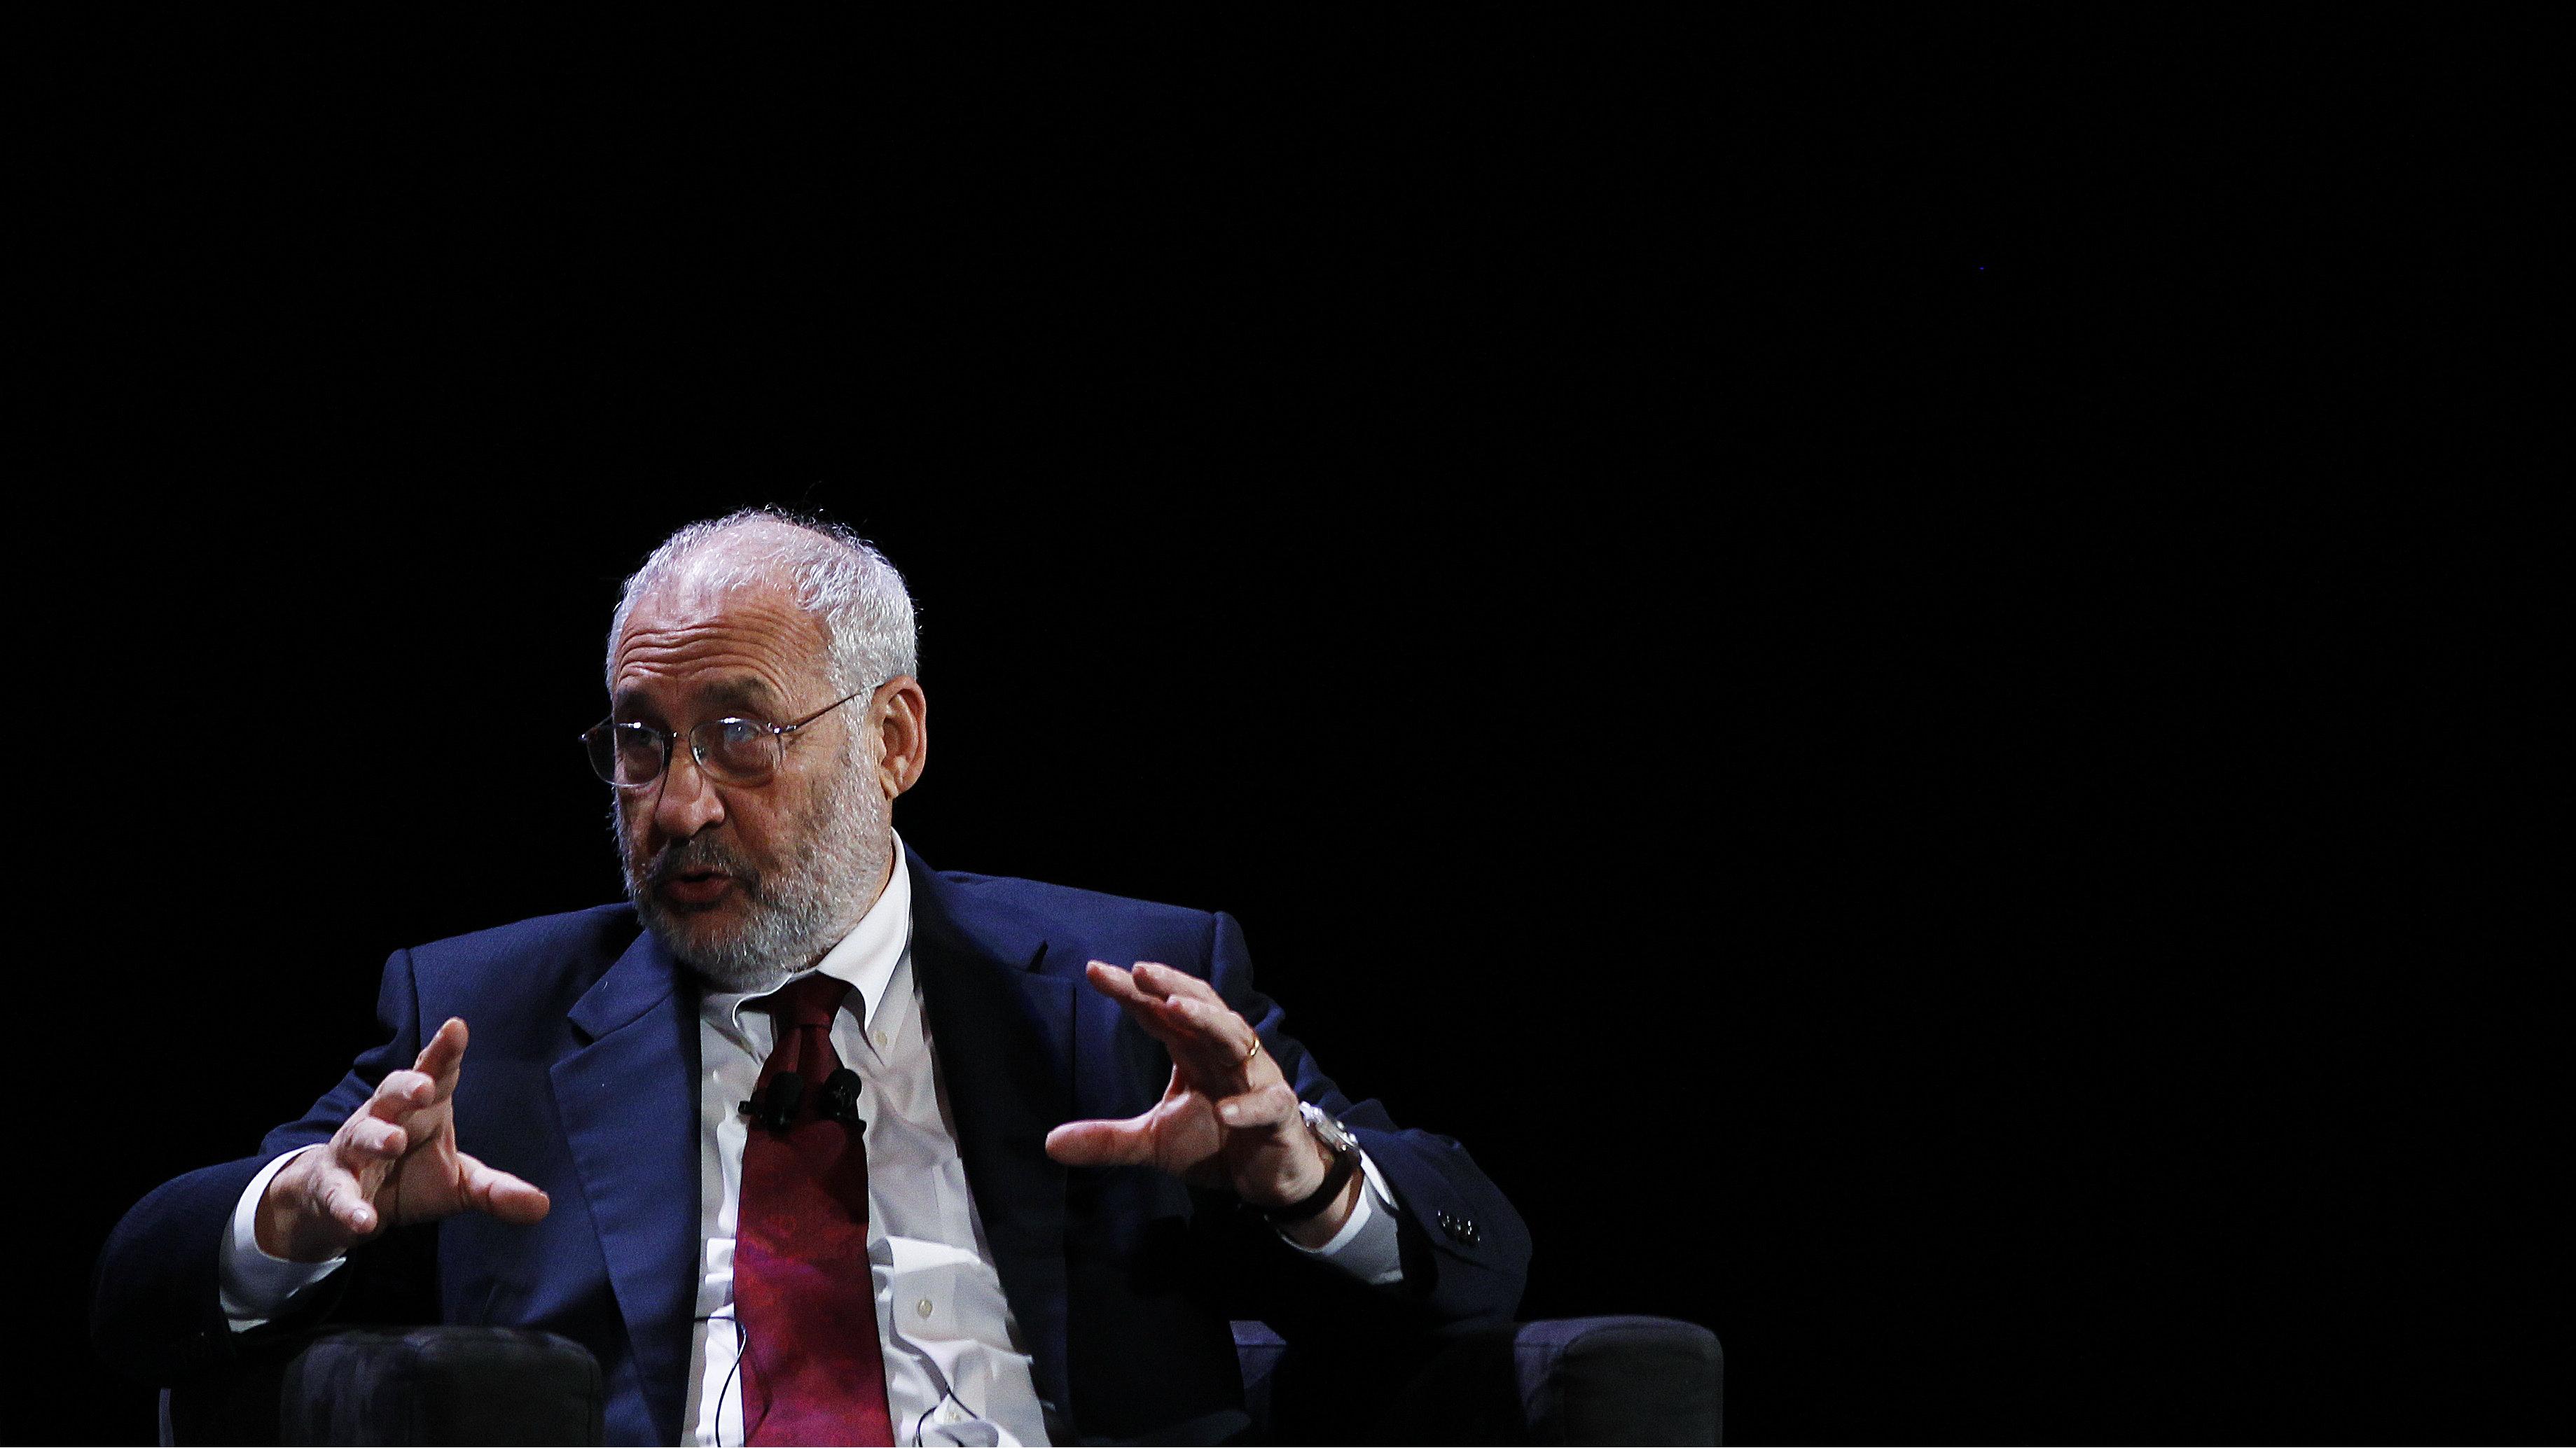 Nobel laureate Joseph Stiglitz